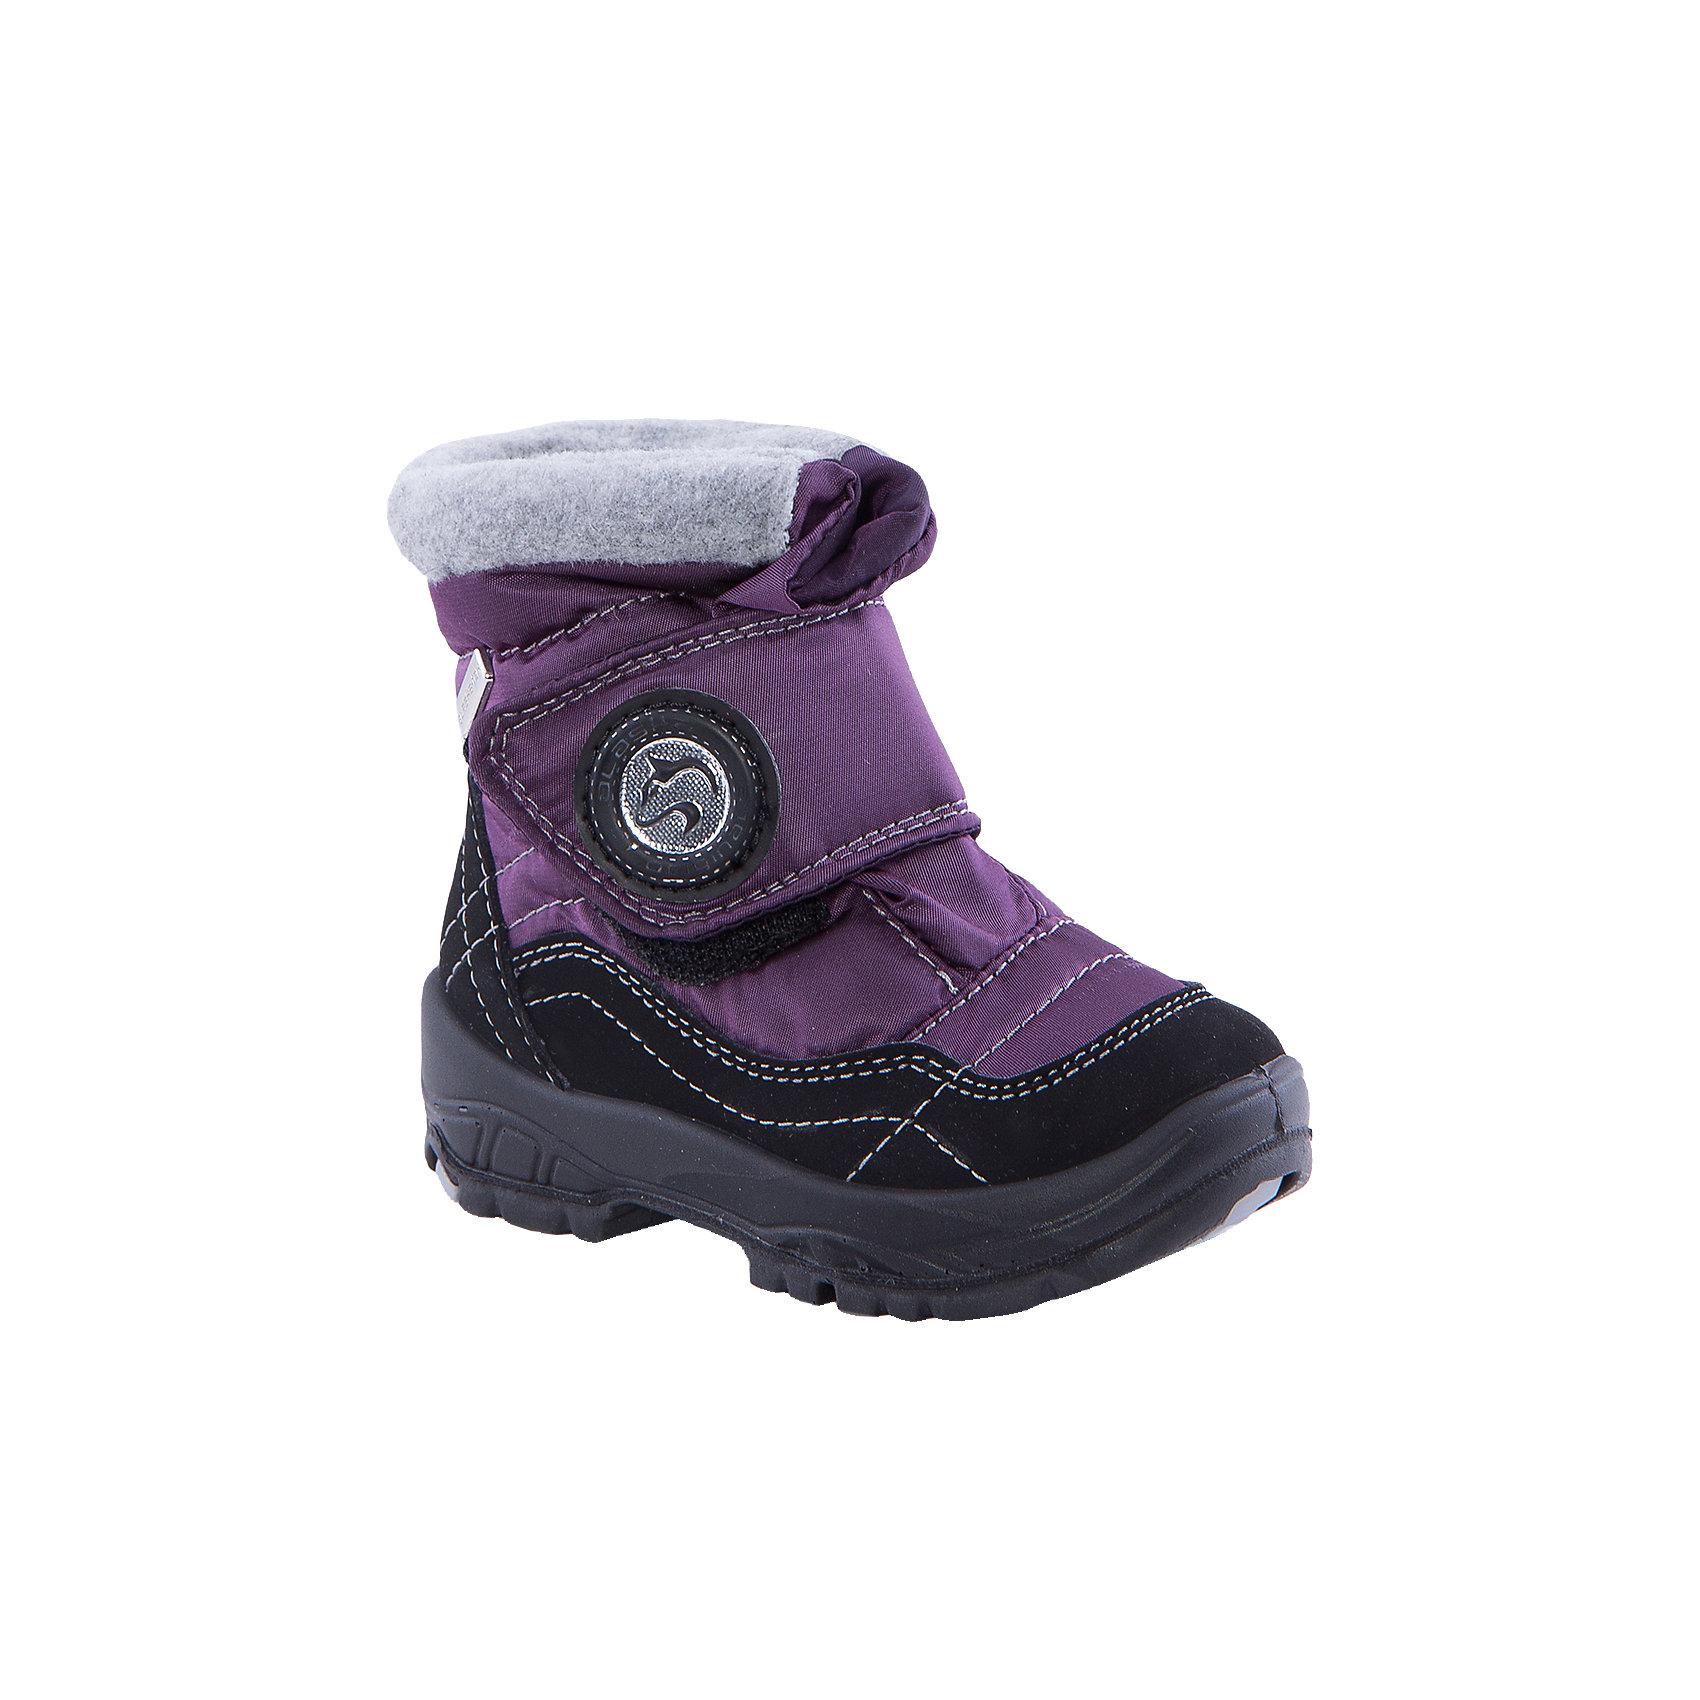 Сапоги  Alaska OriginaleМембранная обувь AlaskaOriginale - это стильная, удобная и высокотехнологичная обувь нового поколения, которая при любой погоде остается сухой и теплой. Полиуретановая литая подошва с системой «ANTISLIDE» обеспечивает превосходное сцепление, высокую устойчивость к деформациям, низким температурами и гарантирует полную водонепроницаемость. Мембрана позволяет стопе «дышать», сохраняя ее сухой. Благодаря всем этим свойствам обувь обеспечивает комфорт при ношении от +5 до -25 градусов.<br><br>Состав: <br>Материалы верха:Текстильные материалы.Подкладка:Шерсть.Подошва:Полиуретан+Термоэластопласт<br><br>Ширина мм: 257<br>Глубина мм: 180<br>Высота мм: 130<br>Вес г: 420<br>Цвет: фиолетовый<br>Возраст от месяцев: 9<br>Возраст до месяцев: 12<br>Пол: Унисекс<br>Возраст: Детский<br>Размер: 20,27,26,21,22,23,24,25<br>SKU: 4399031